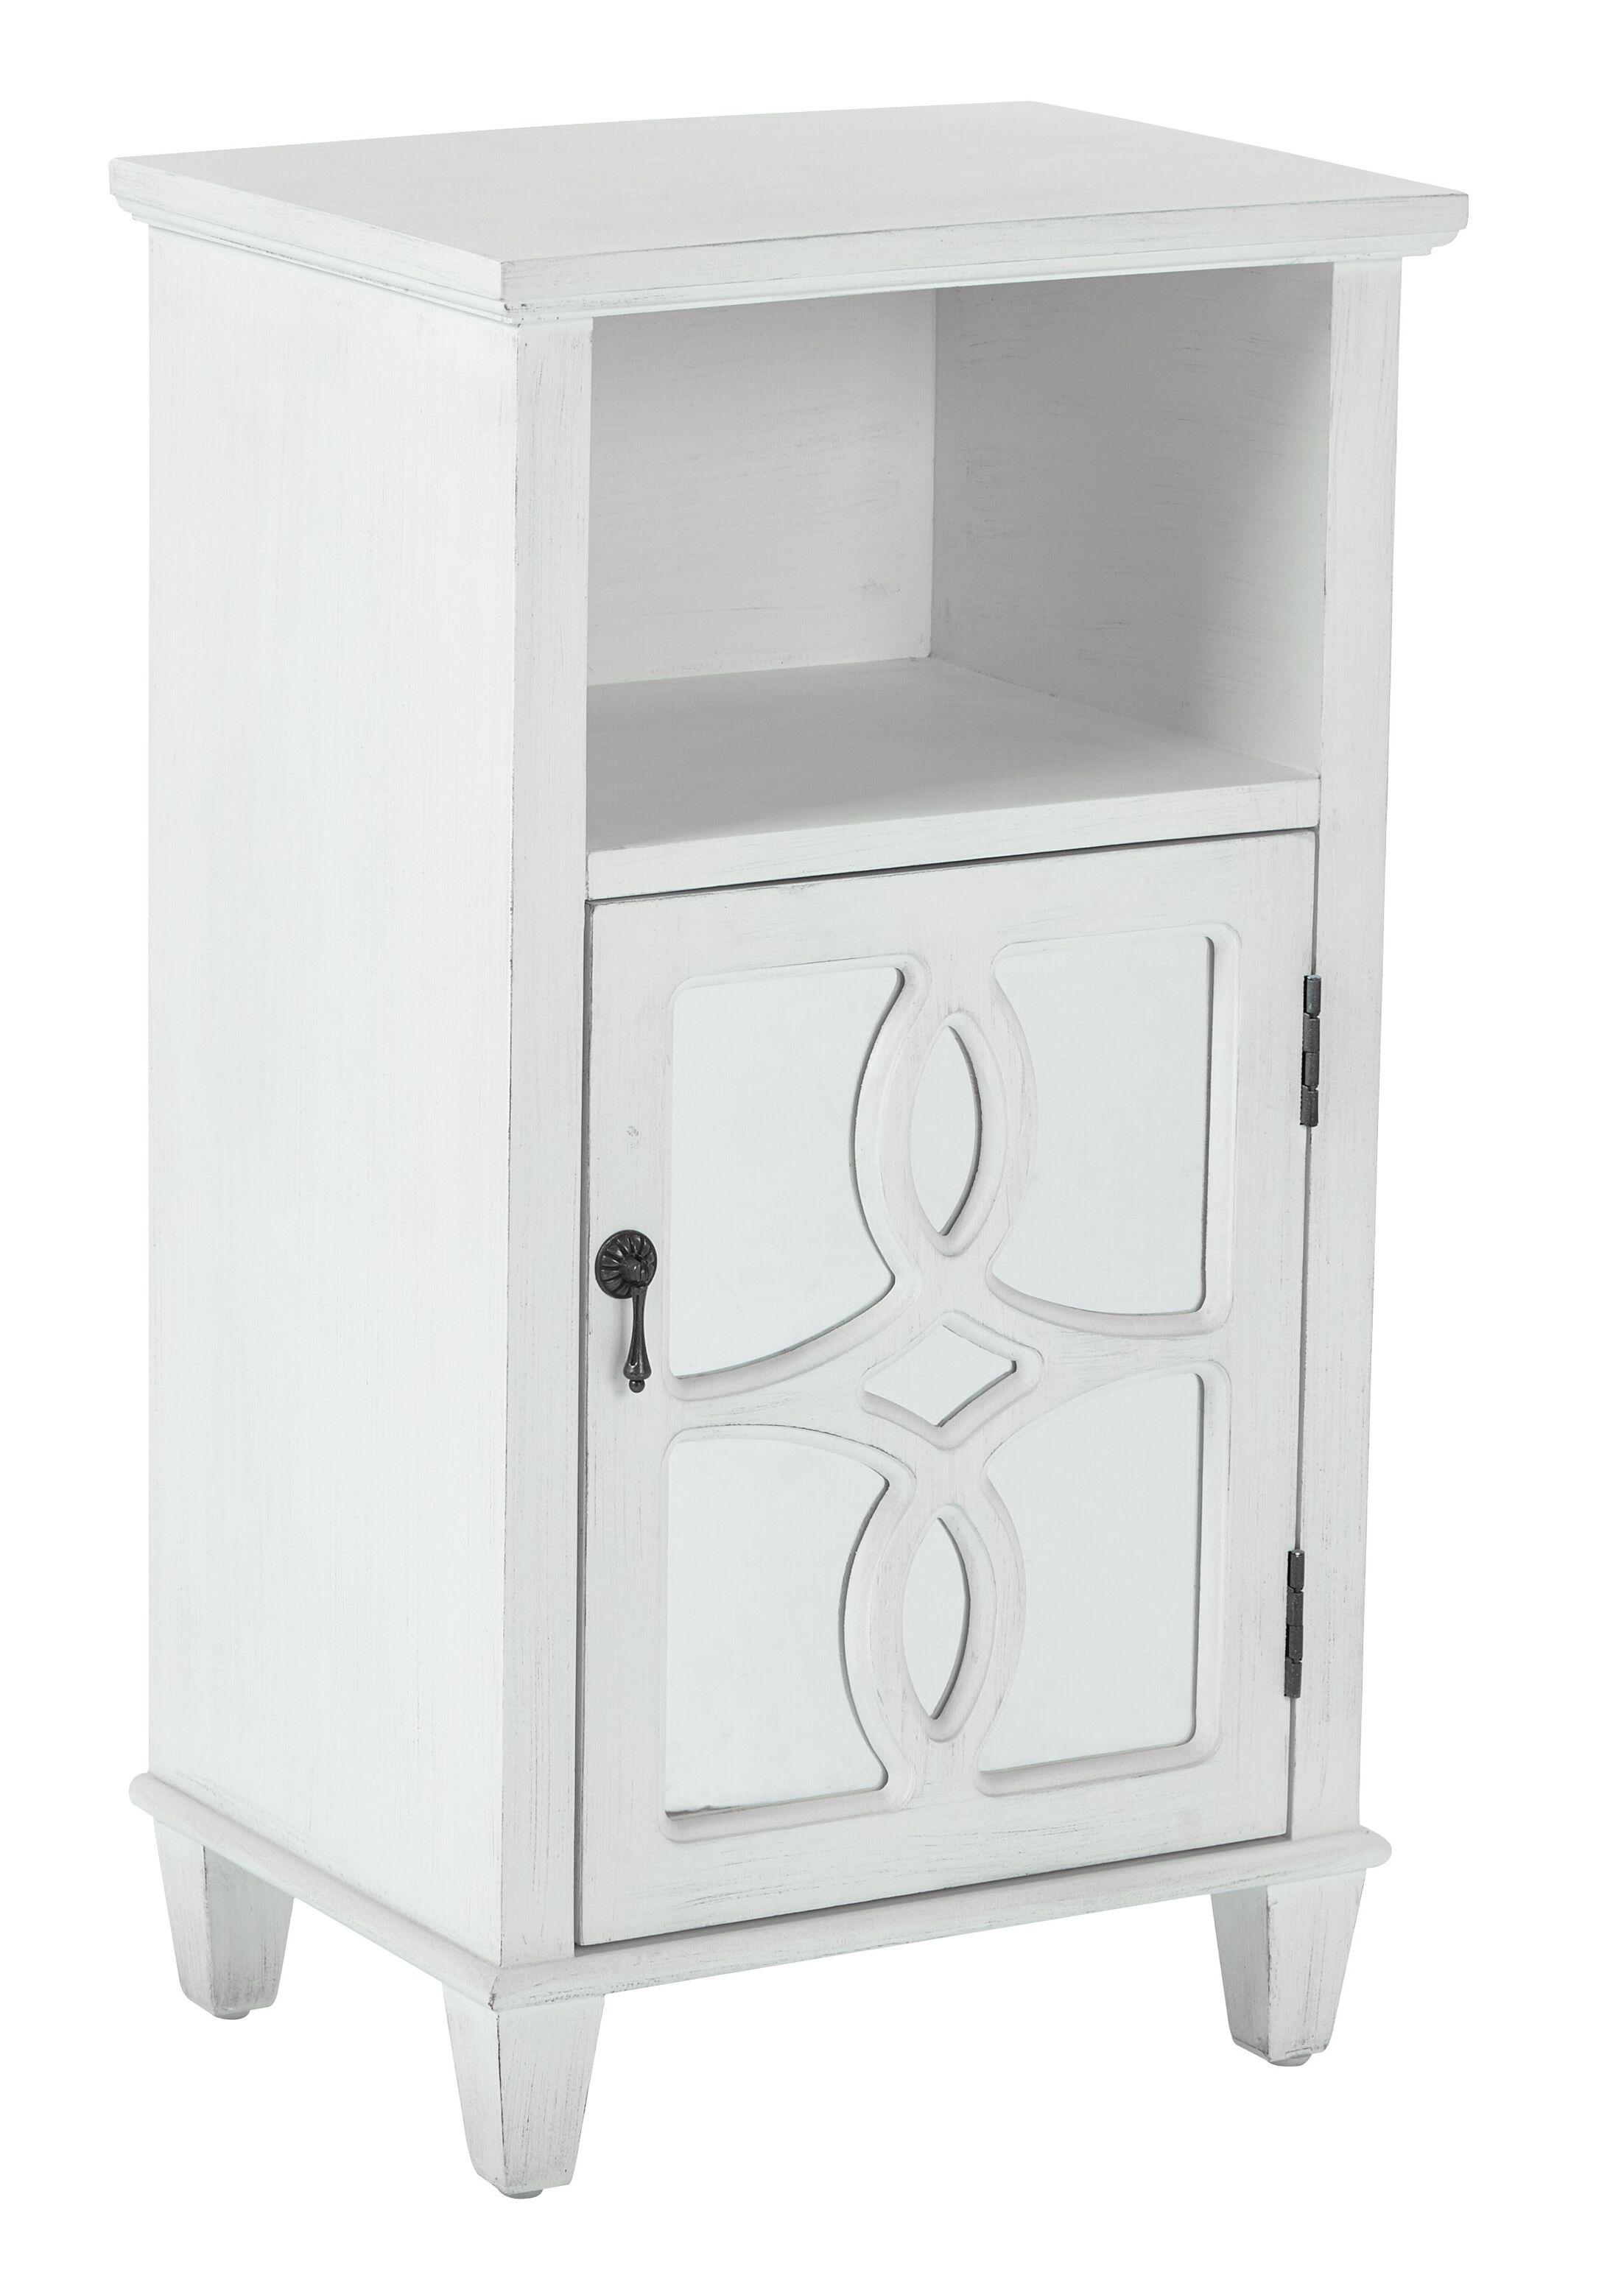 Elba Accent End Table Color: Antique White